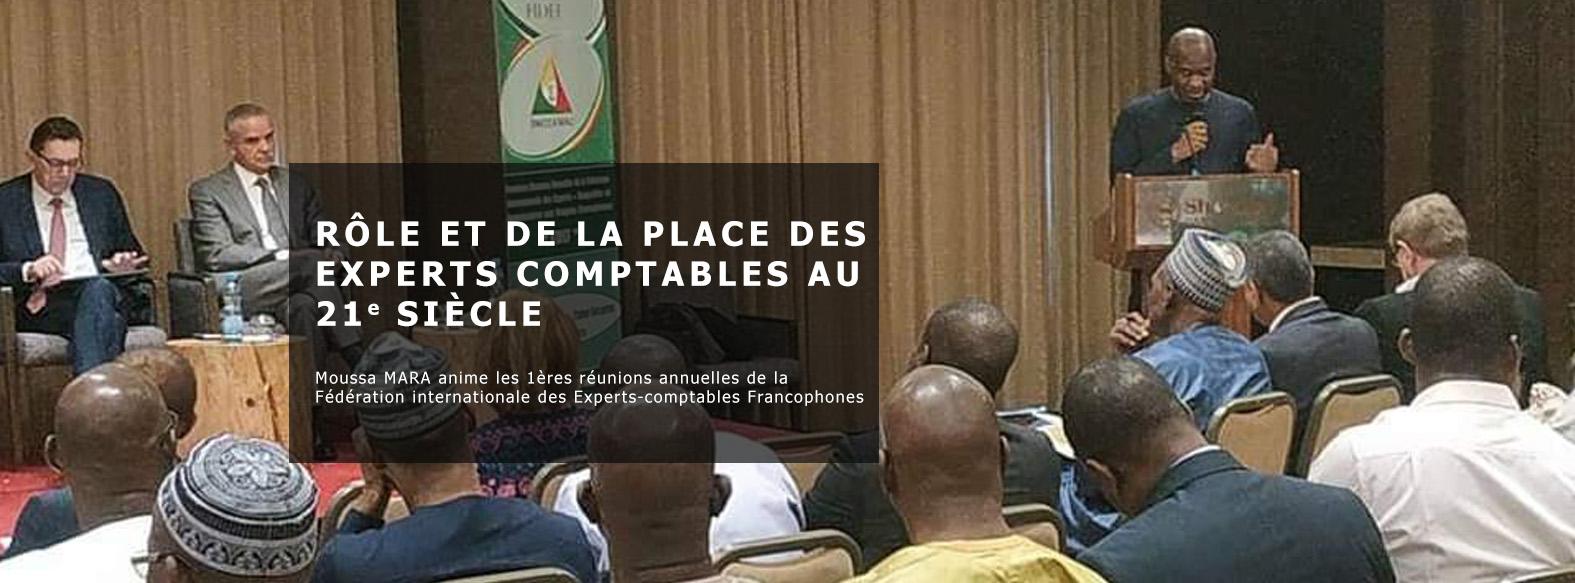 Moussa MARA anime les 1ères réunions annuelles de la Fédération internationale des Experts-comptables Francophones